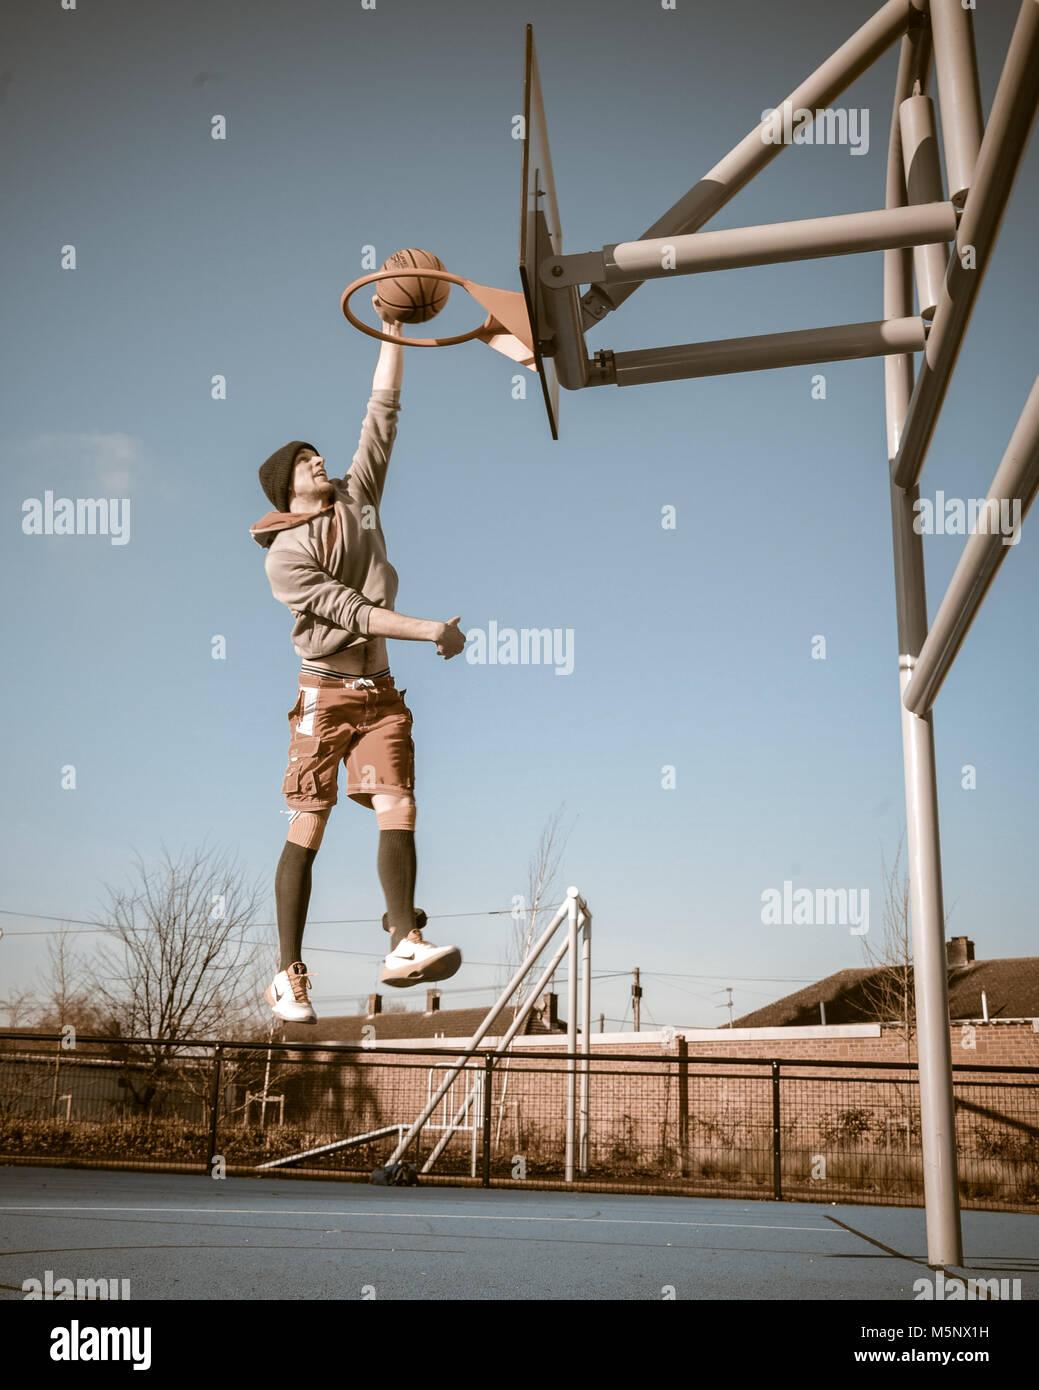 Un rodaje en exteriores de un jugador de baloncesto en Devizes, Wiltshire. Rodada en la luz solar natural en una cancha de baloncesto. Amplia profundidad de archivado, con buena iluminación. Foto de stock